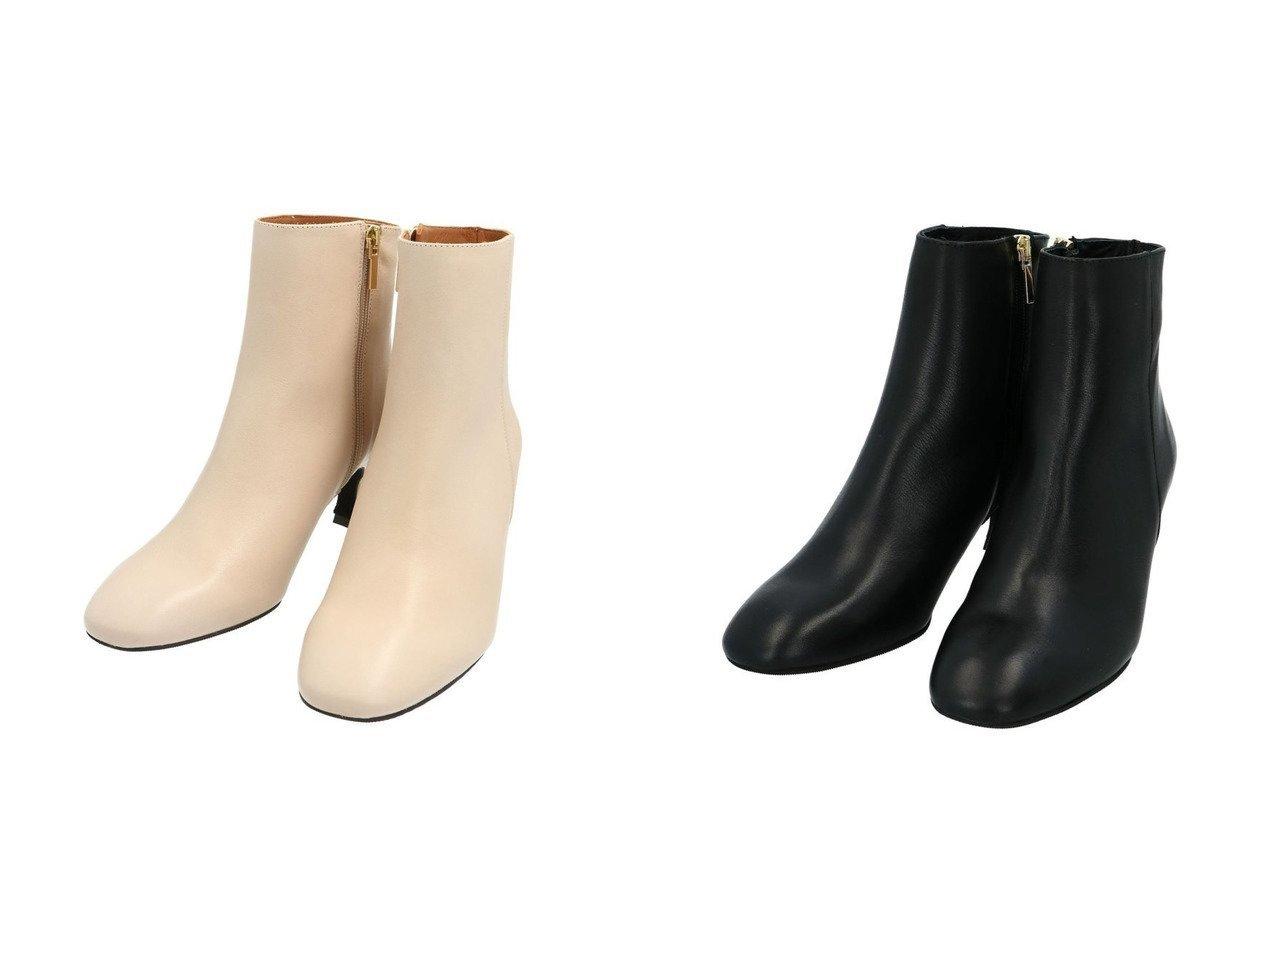 【MARIAN/マリアン】のROUND TOE SHORT BOOTS シューズ・靴のおすすめ!人気、トレンド・レディースファッションの通販 おすすめで人気の流行・トレンド、ファッションの通販商品 メンズファッション・キッズファッション・インテリア・家具・レディースファッション・服の通販 founy(ファニー) https://founy.com/ ファッション Fashion レディースファッション WOMEN エレガント シューズ ショート シンプル デニム トレンド バランス A/W 秋冬 AW Autumn/Winter / FW Fall-Winter 2021年 2021 S/S 春夏 SS Spring/Summer 2021 春夏 S/S SS Spring/Summer 2021 NEW・新作・新着・新入荷 New Arrivals |ID:crp329100000015322